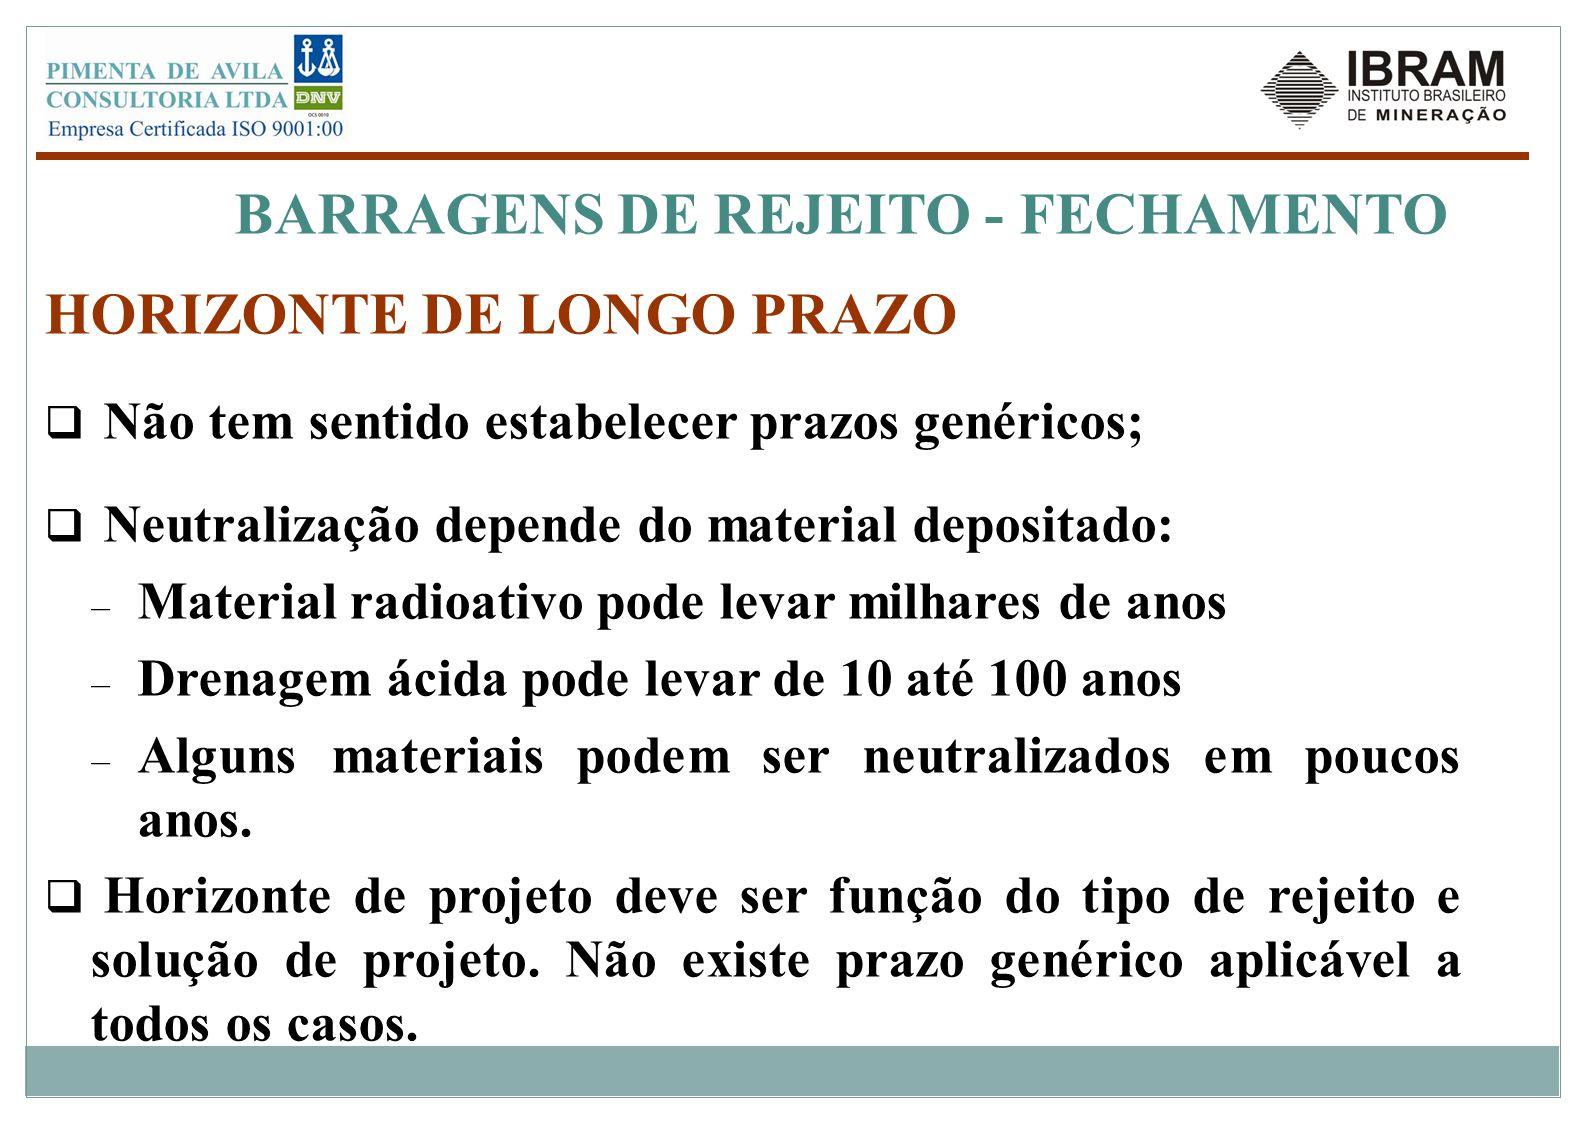 BARRAGENS DE REJEITO - FECHAMENTO Sustentabilidade requer mitigação dos riscos de degradação pelos agentes externos AGENTECONSEQUENCIAS ALTA PRECIPITAÇÃO E ENCHENTESGALGAMENTO/ RUPTURA – LIBERAÇÃO DE REJEITOSPARA O AMBIENTE TERREMOTOSLIQUEFAÇÃO DE REJEITOS EROSÃO EÓLICAEXPOSIÇÃO E CARREAMENTO DE REJEITOS EROSÃO PELA ÁGUACARREAMENTO DE REJEITOS, DEGRADAÇÃO DE COBERTURAS AÇÃO DE NEVEPENETRAÇÃO DA NEVE PERCOLAÇÃO/CONTAMINAÇÃOSATURAÇÃO, INSTABILIZAÇÃO DOS TALUDES QUIMICA DE DRENOSSOLUBILIZAÇÃO E AUMENTO DE PERCOLAÇÃO E EROSÃO INTENSA AGENTES BIOLÓGICOS (RAÍZES, ANIMAIS)ENTUPIMENTO DE DRENOS, RUPTURA DE CAMADAS IMPERMEÁVEIS